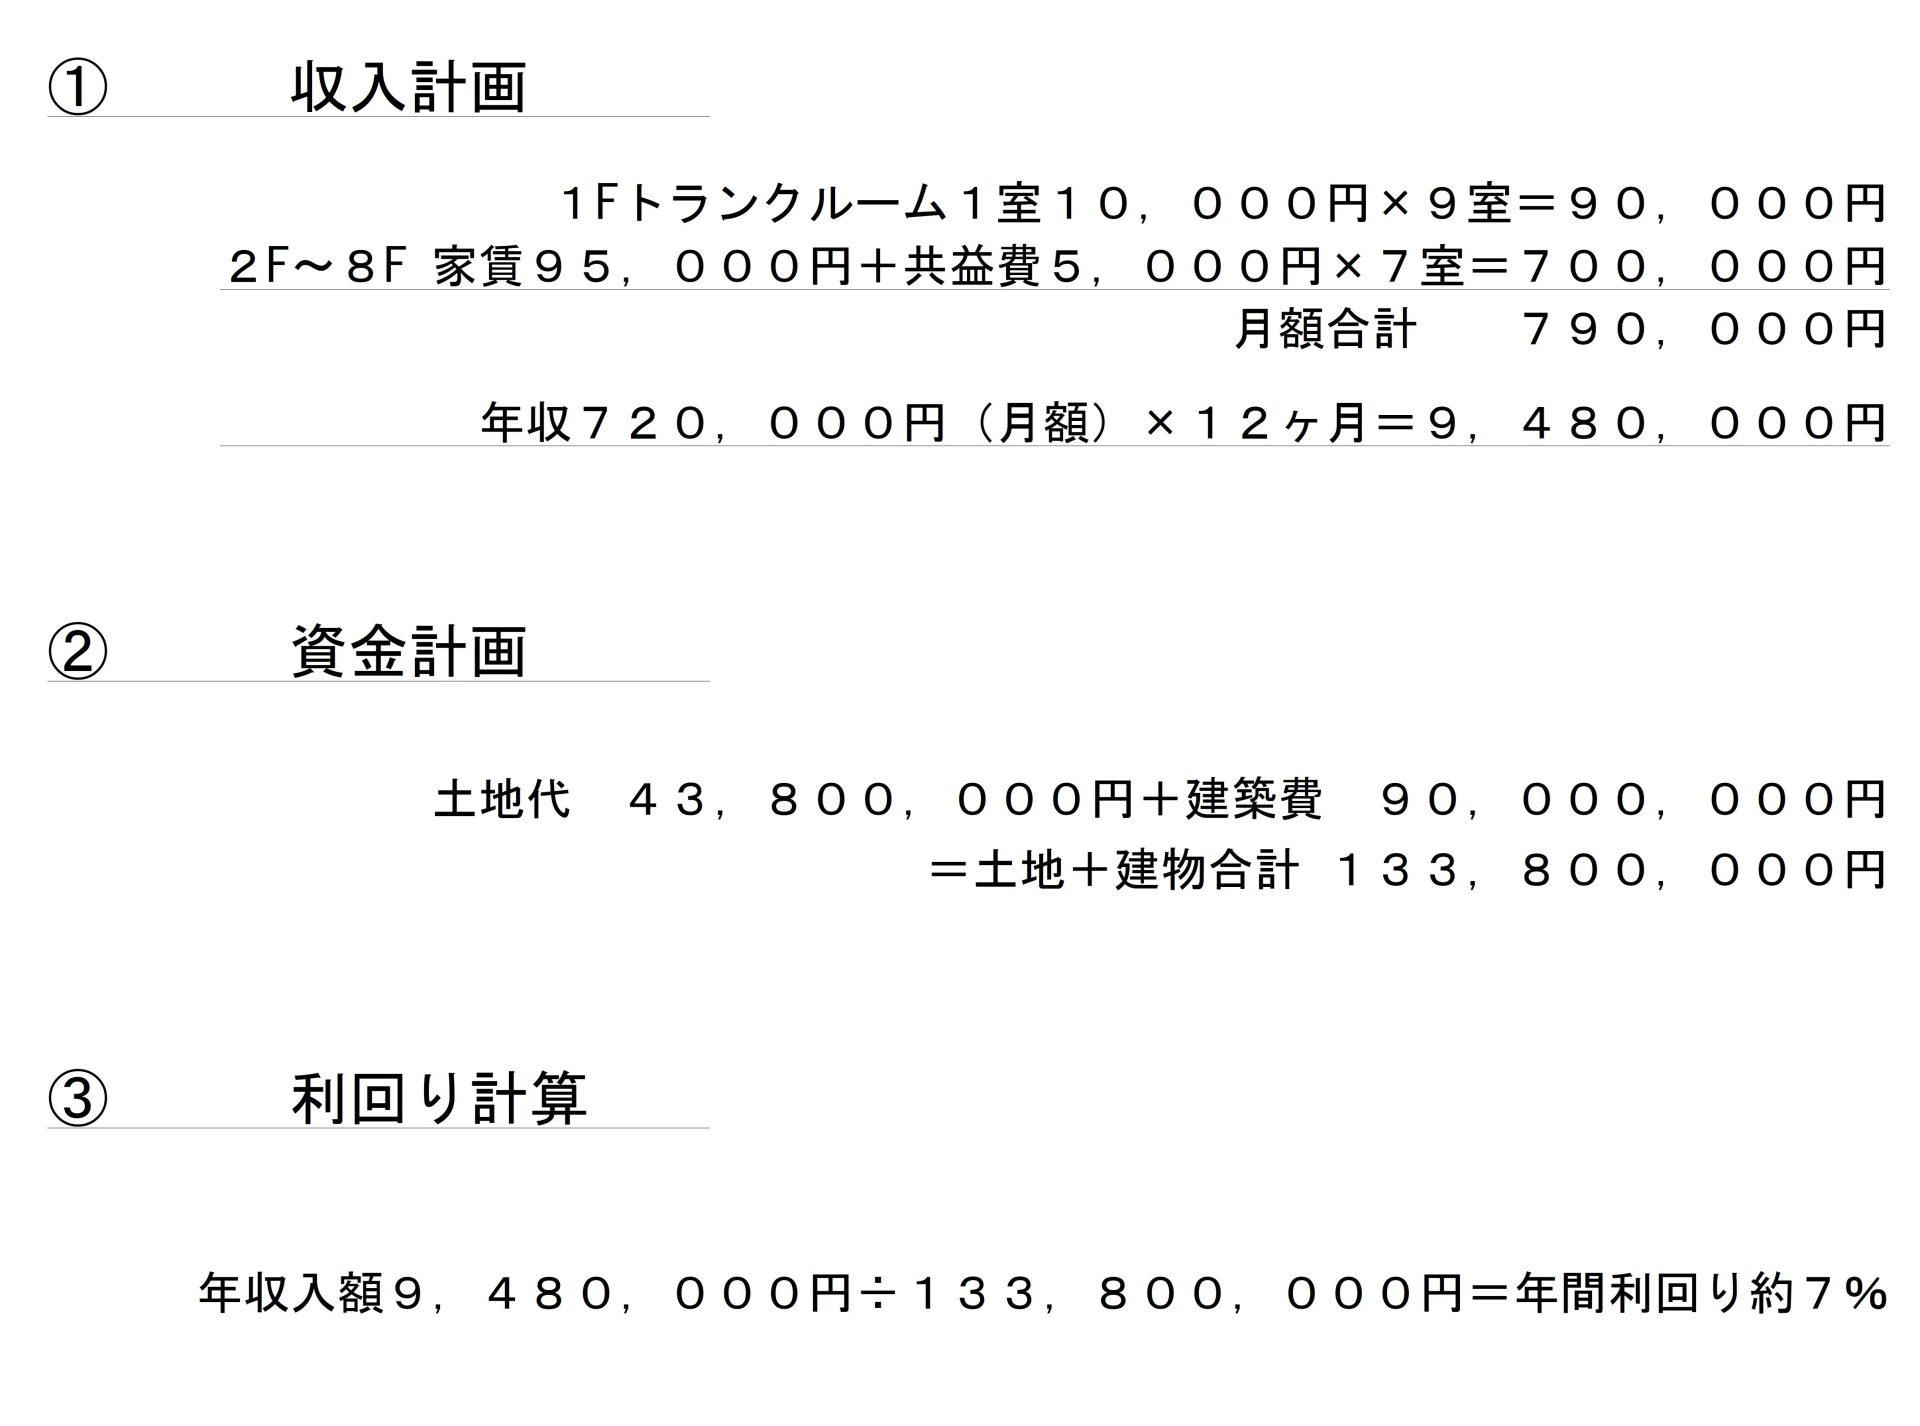 丸山通1 収益マンションプラン